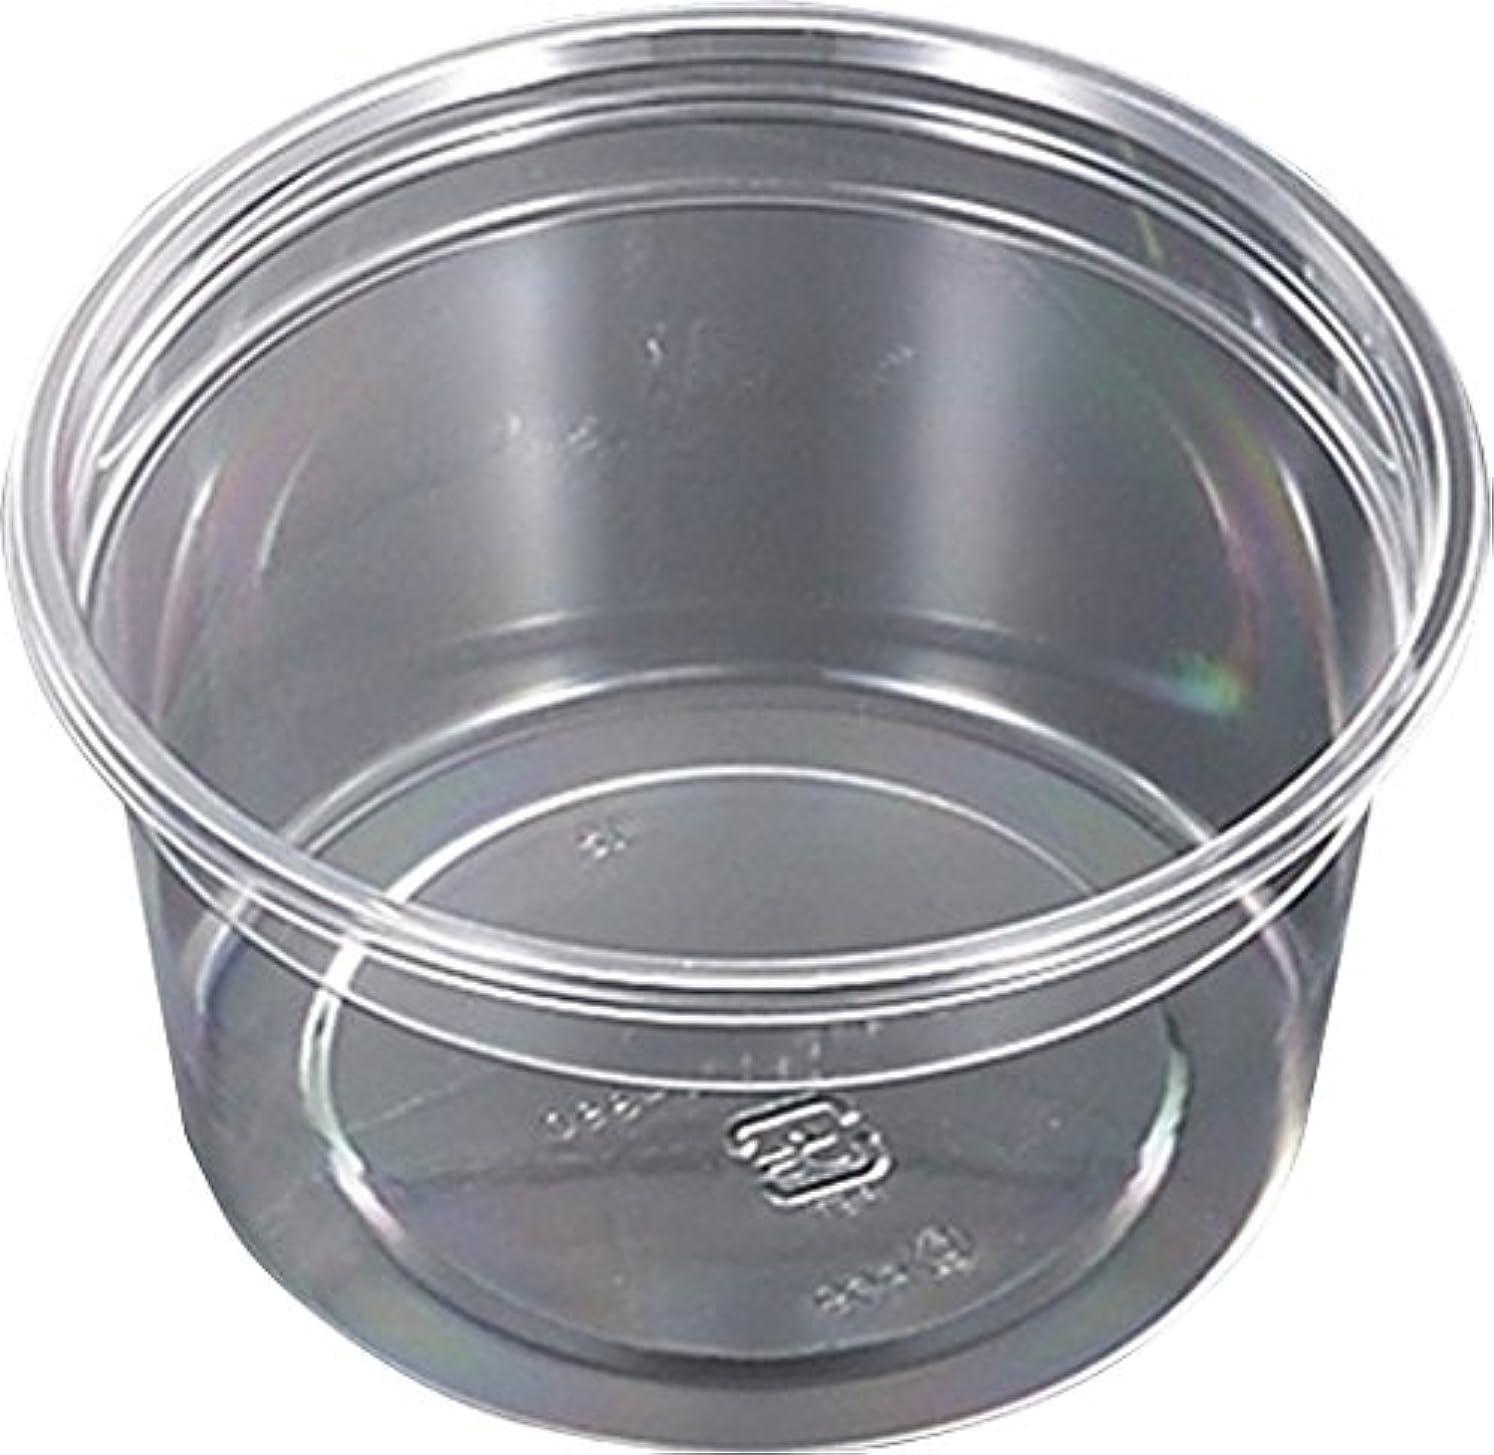 病気だと思うカスケード含む中央化学 使い捨て容器 C-AP丸カップ 150-850 TS身 850ml 50枚入 容量:約850ml